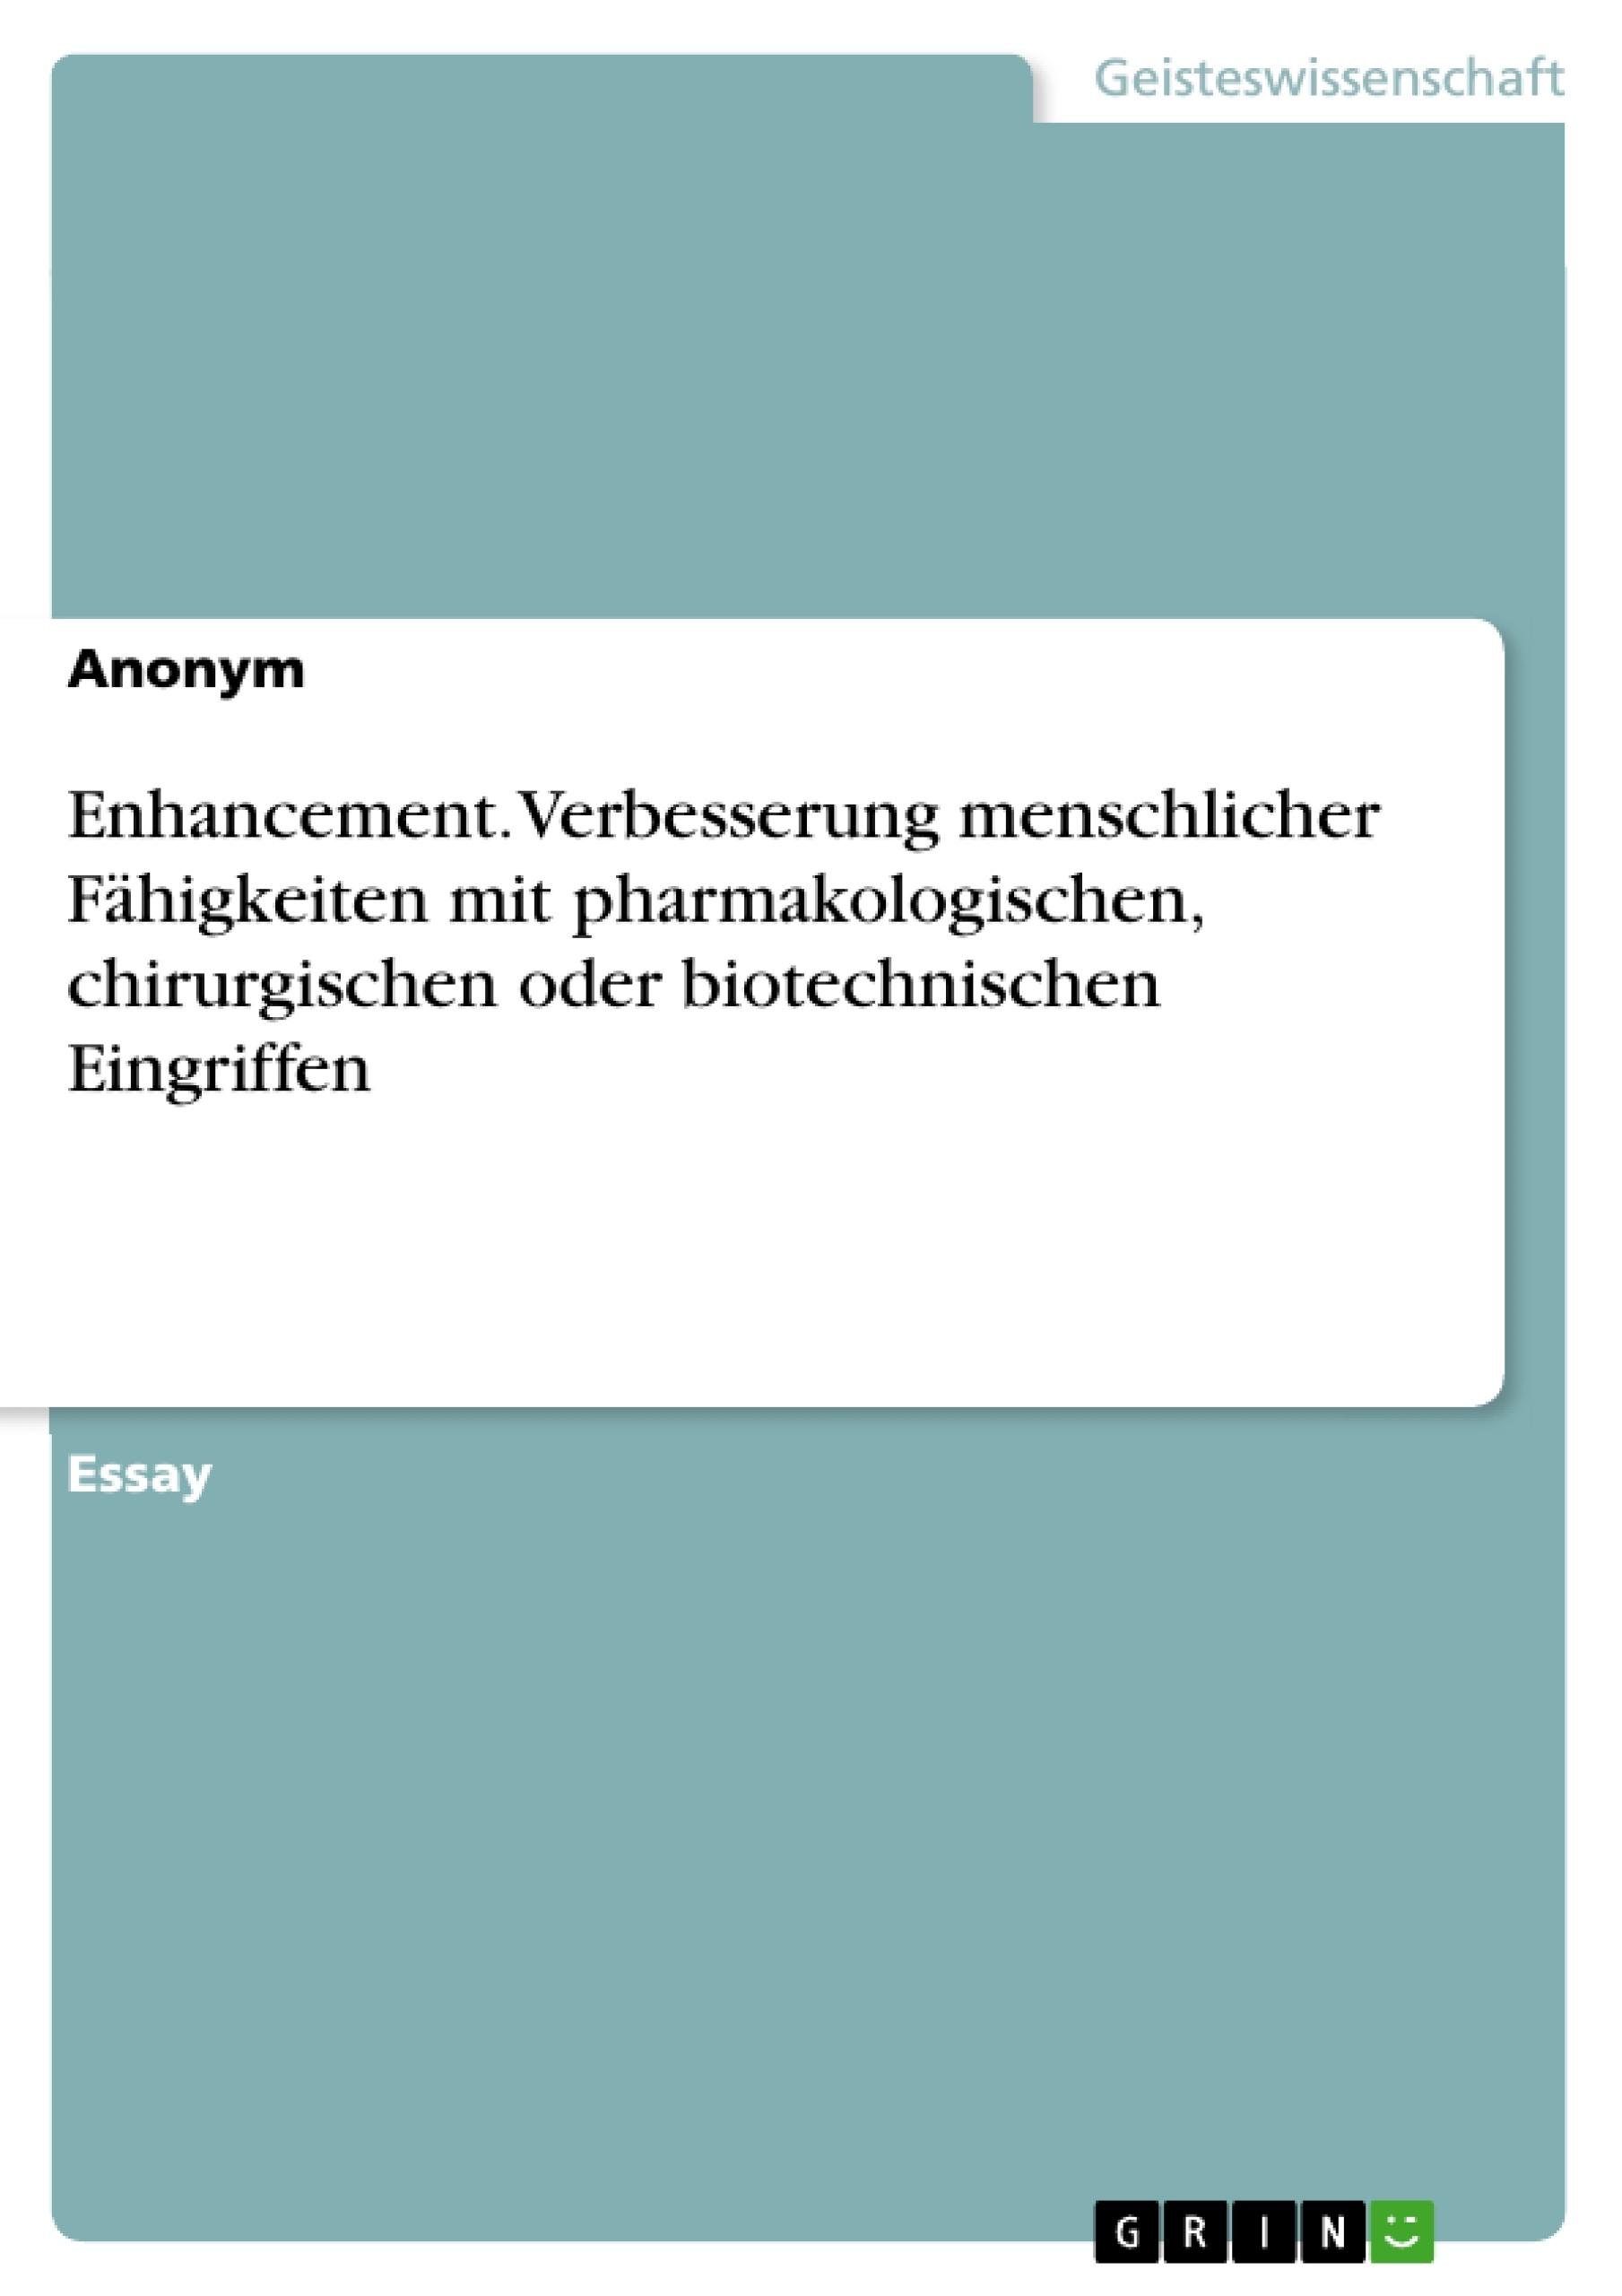 Titel: Enhancement. Verbesserung menschlicher Fähigkeiten mit pharmakologischen, chirurgischen oder biotechnischen Eingriffen